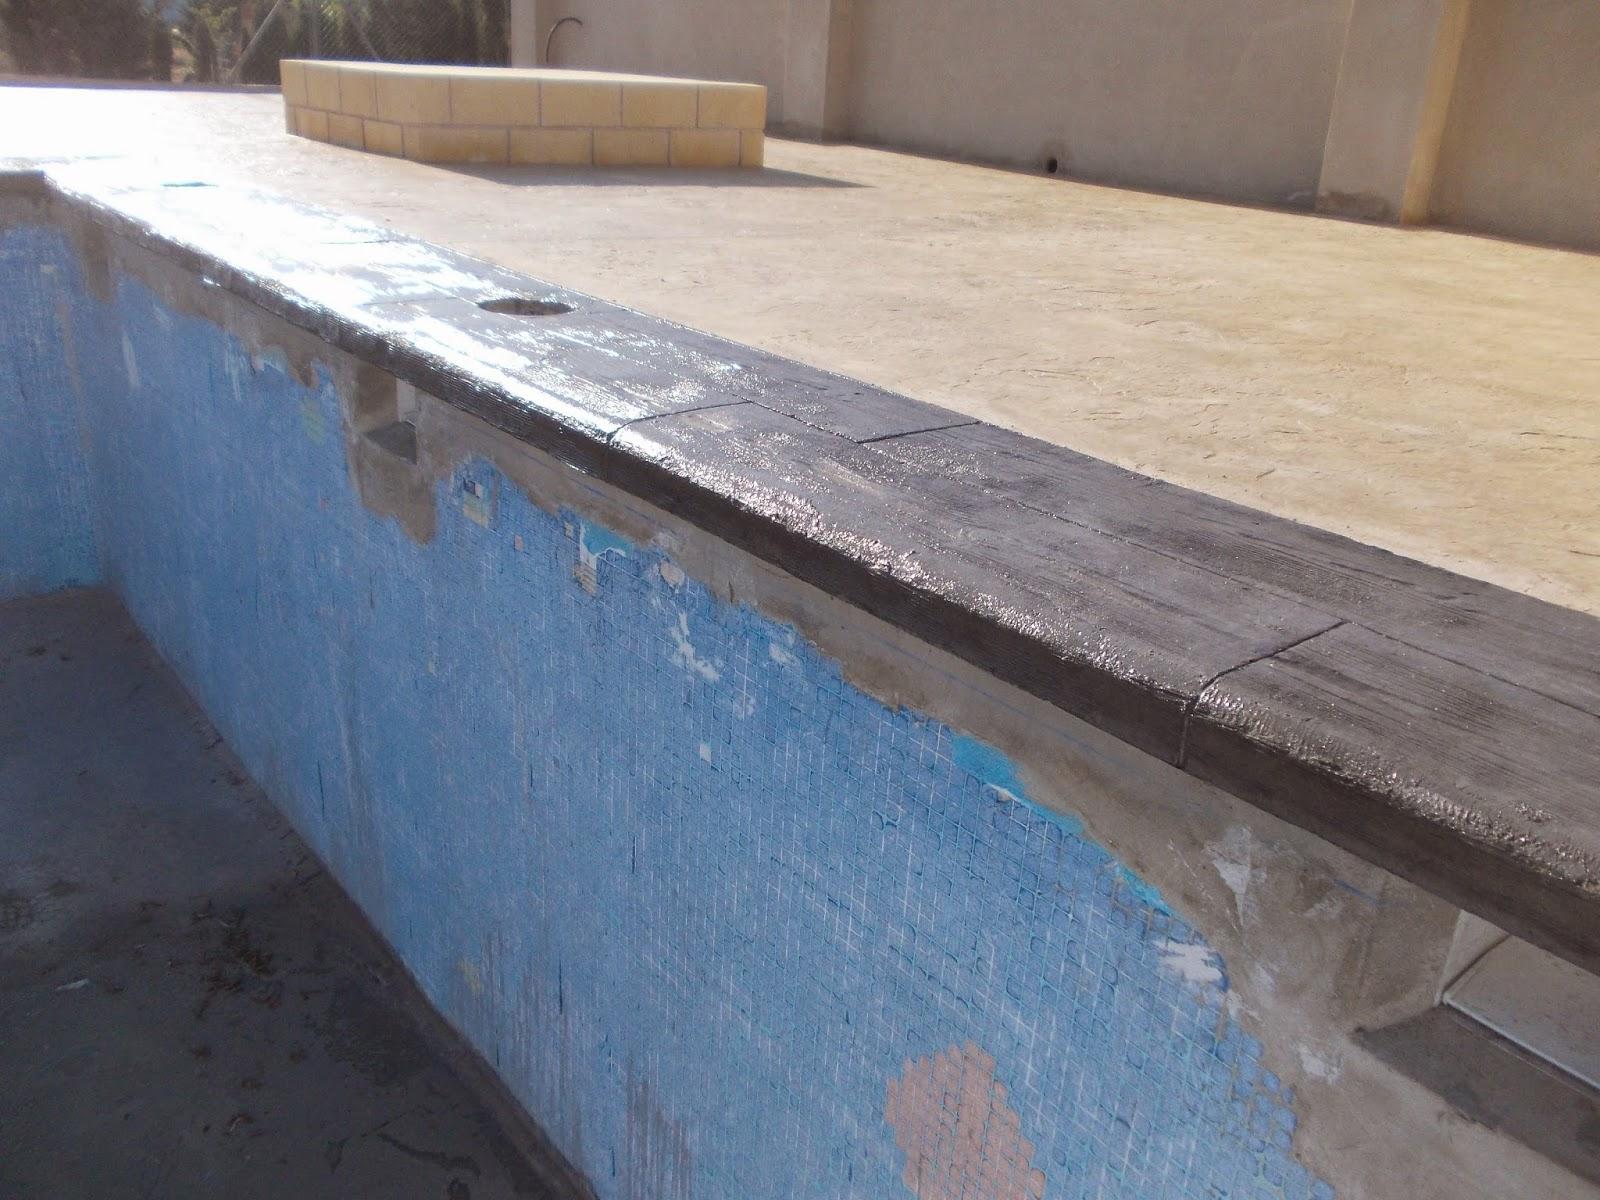 Piedra coronaci n de piscina con hormig n impreso pavimentos continuos de hormig n hormig n - Coronacion de piscinas precios ...